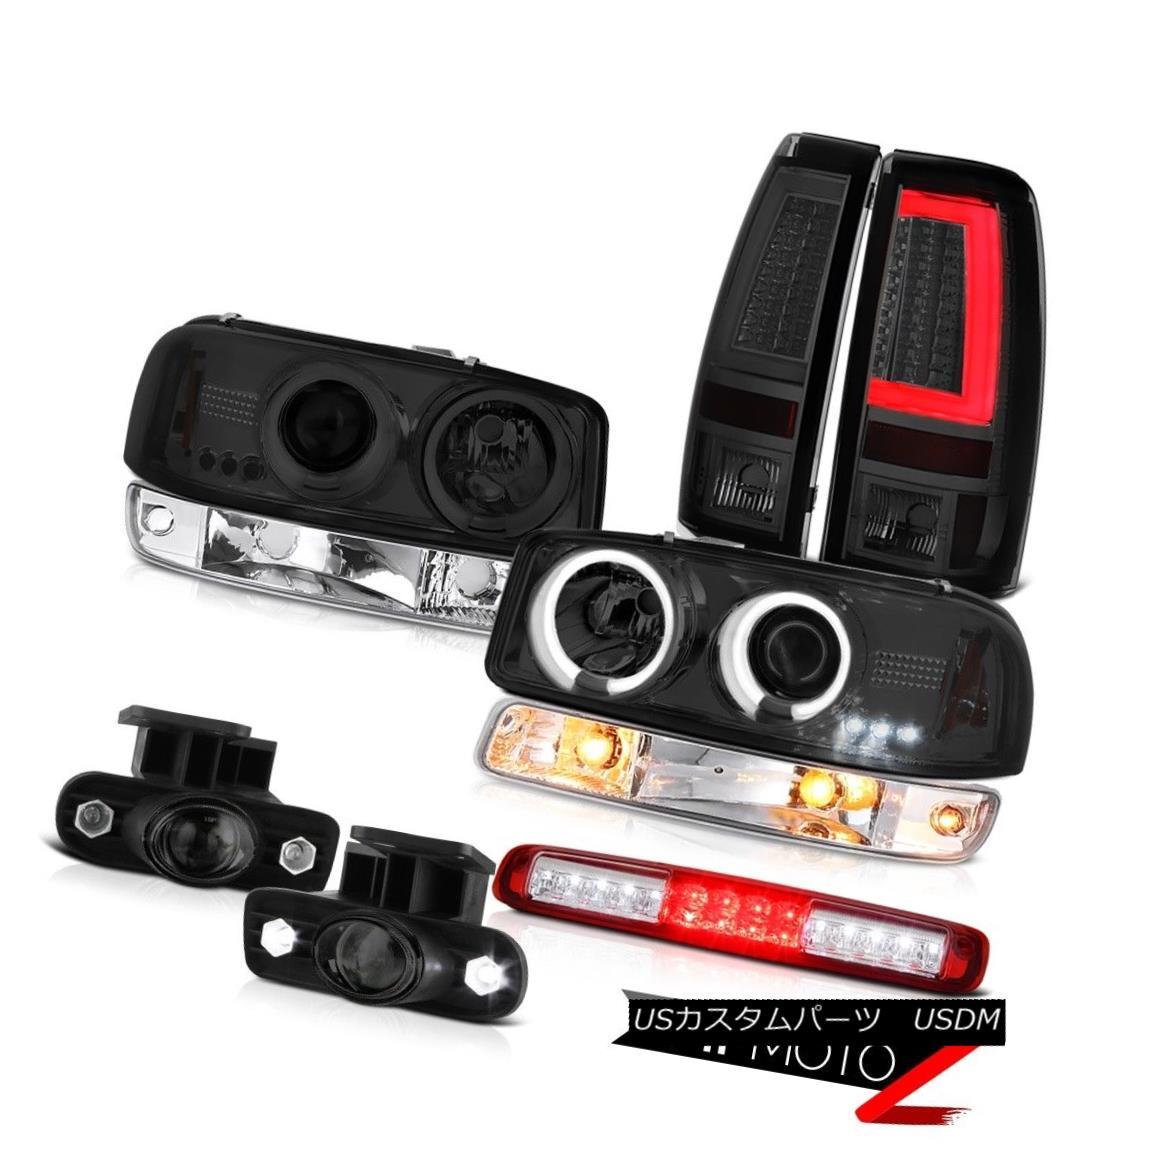 テールライト 99-02 Sierra 4.3L Taillamps High Stop Lamp Bumper Light Foglamps CCFL Headlights 99-02 Sierra 4.3L TaillampsハイストップランプバンパーライトフォグランプCCFLヘッドライト